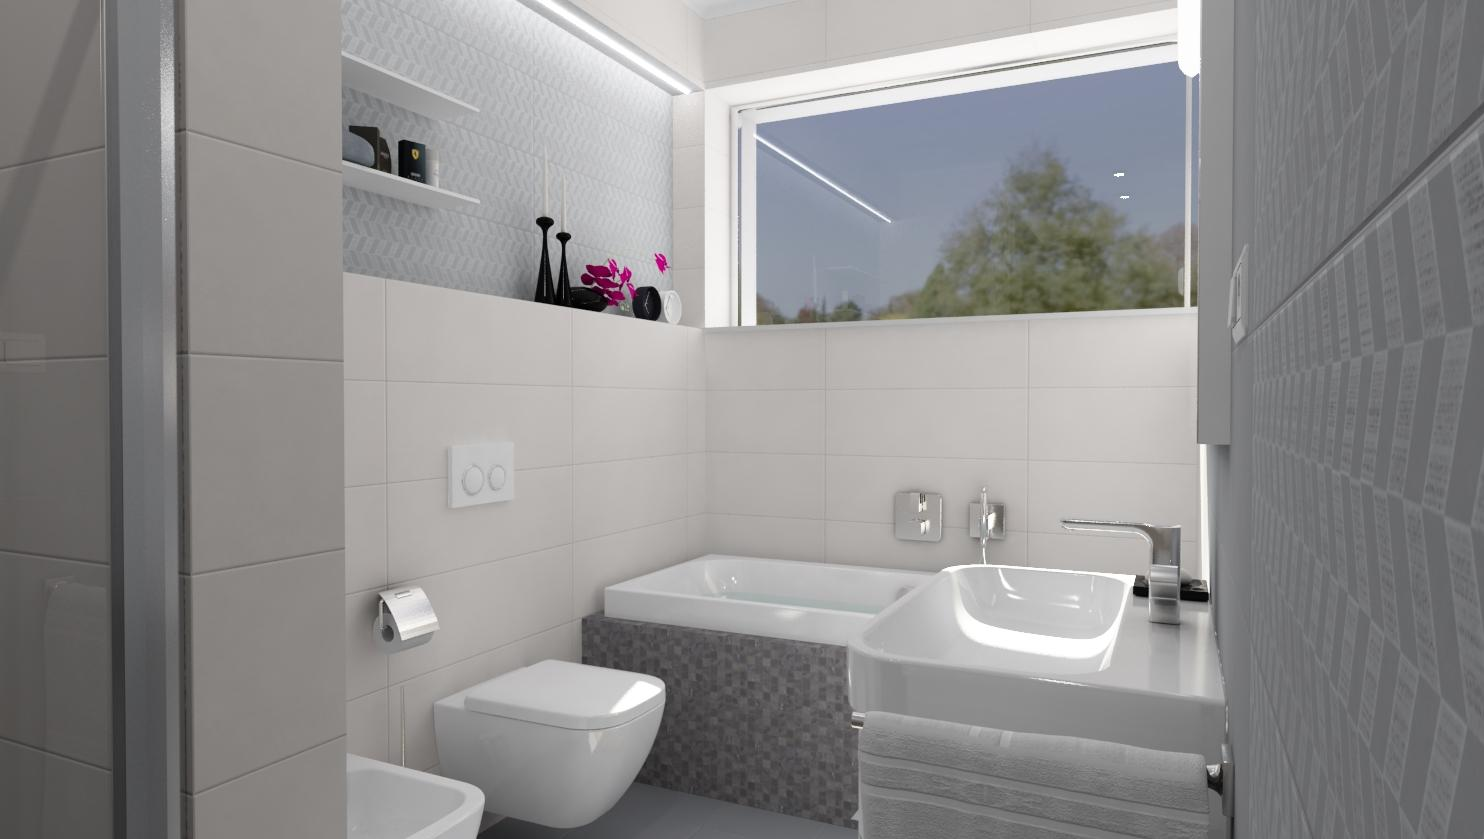 Pohľad do vašej budúcej kúpeľne - Pearl & Grey 25x75 - www.modernekupelne.sk/navrhy-kupelni